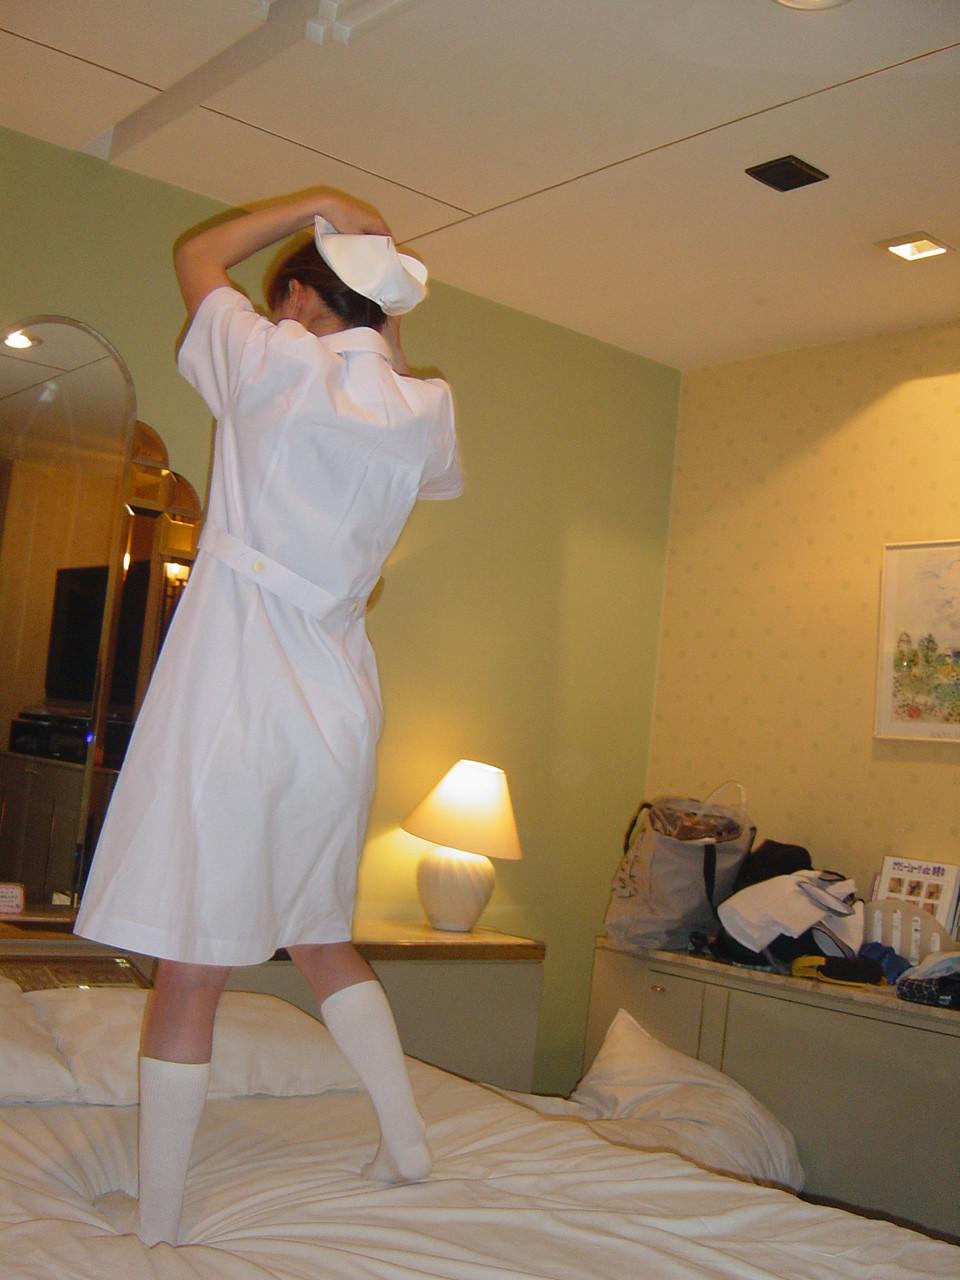 【コスプレエロ画像】検温されとく?スカート決まって短いナースコスの下半身を堪能www 01